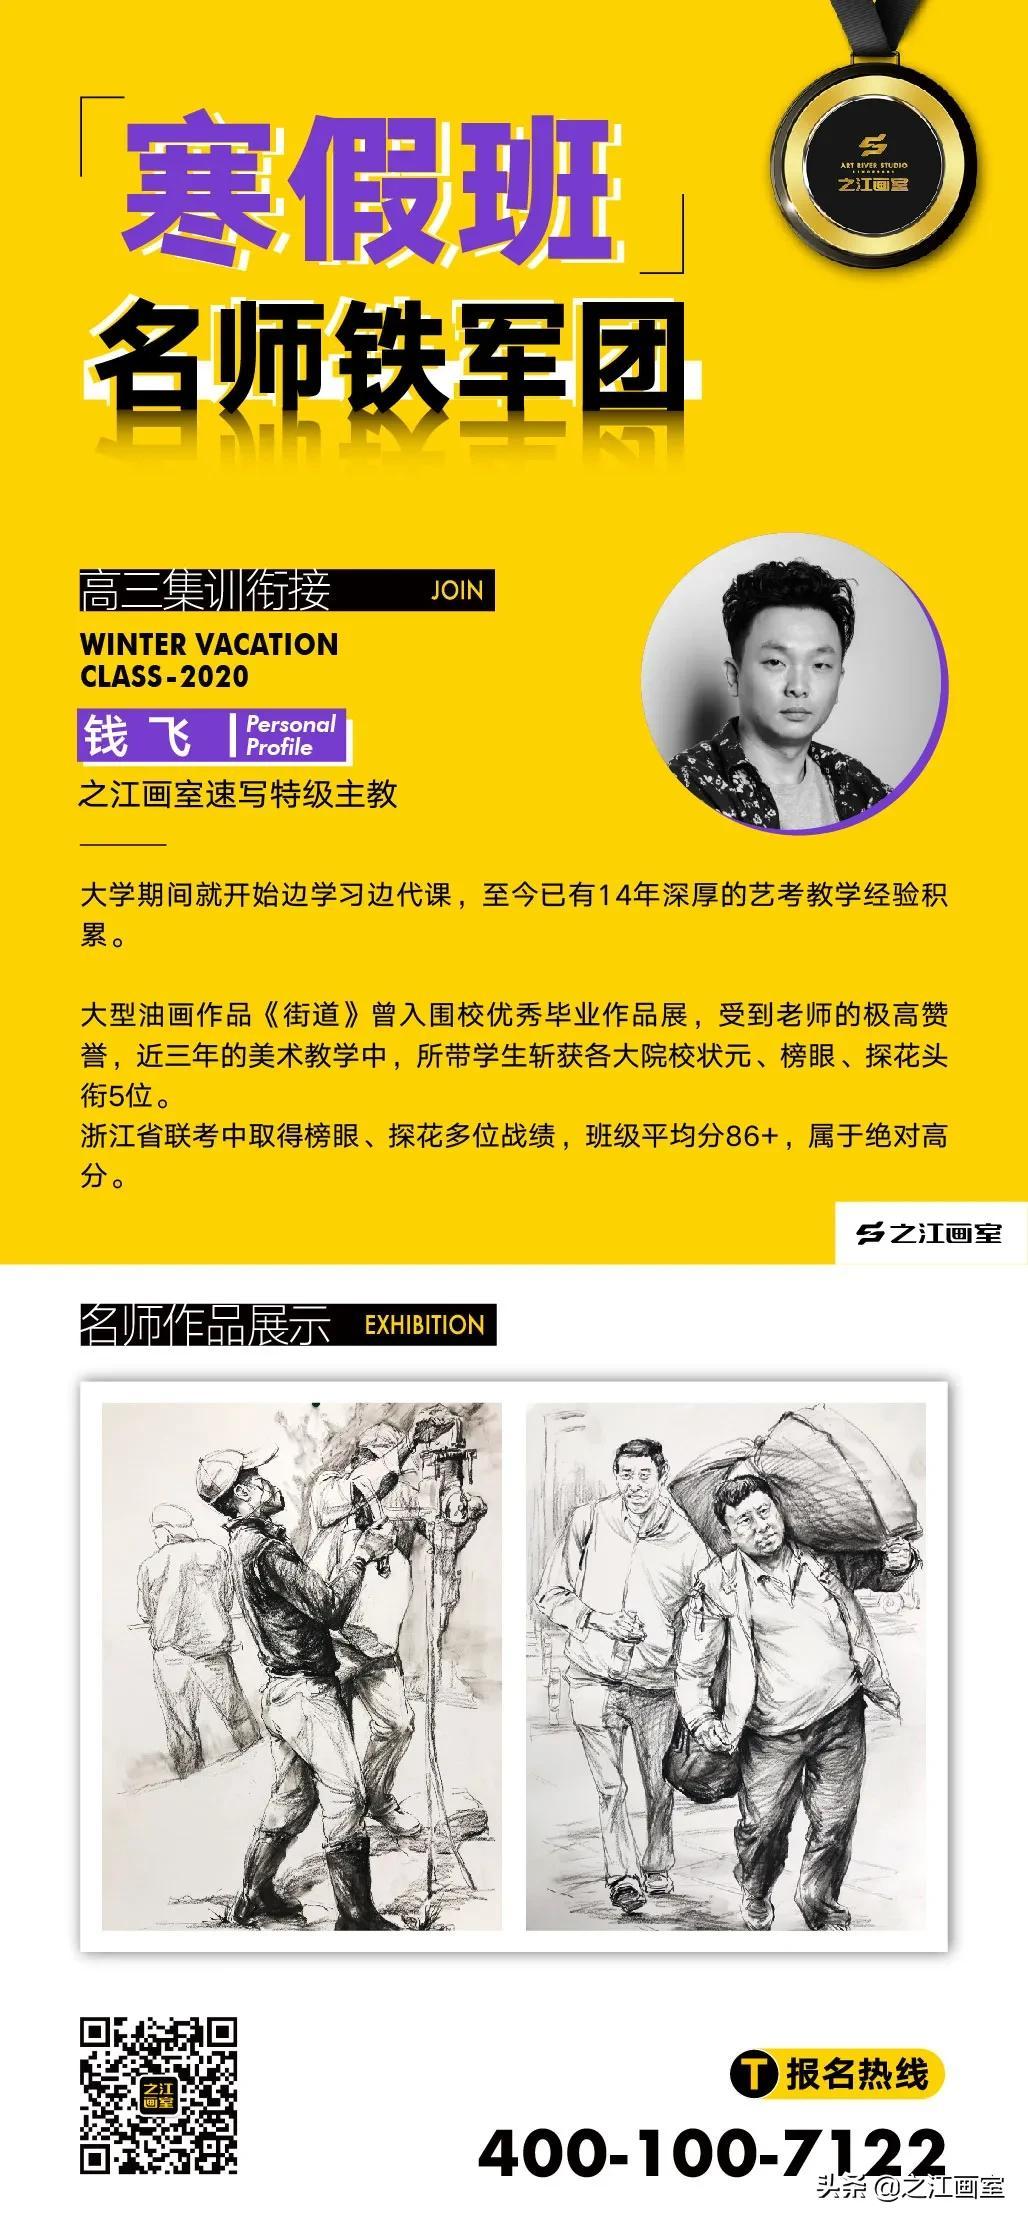 「寒假班招生简章」即刻报名,享受寒假班免费学